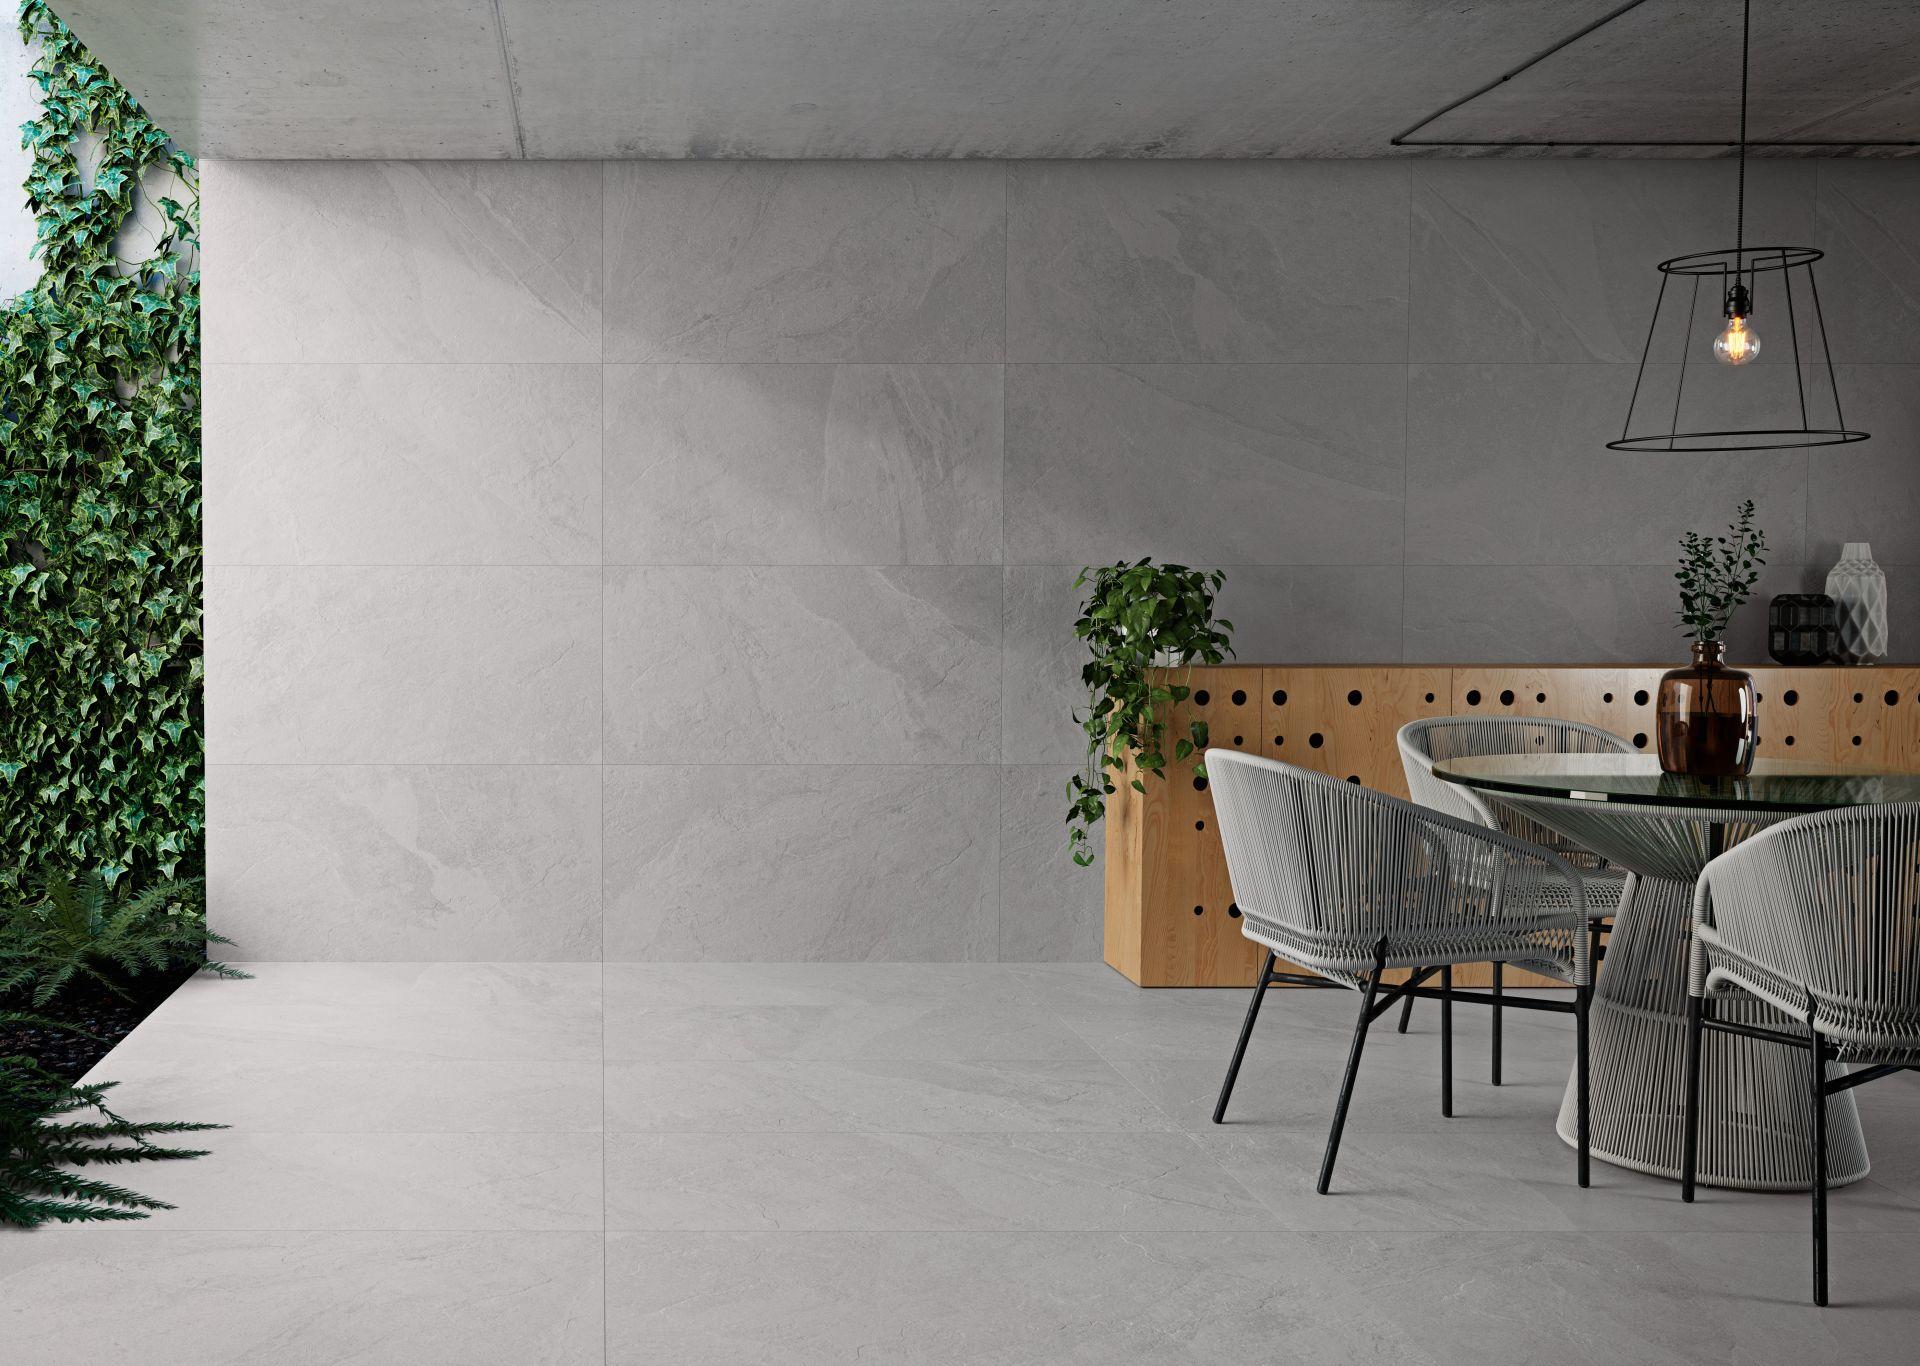 outdoor-tiles-bristol-anna-purna